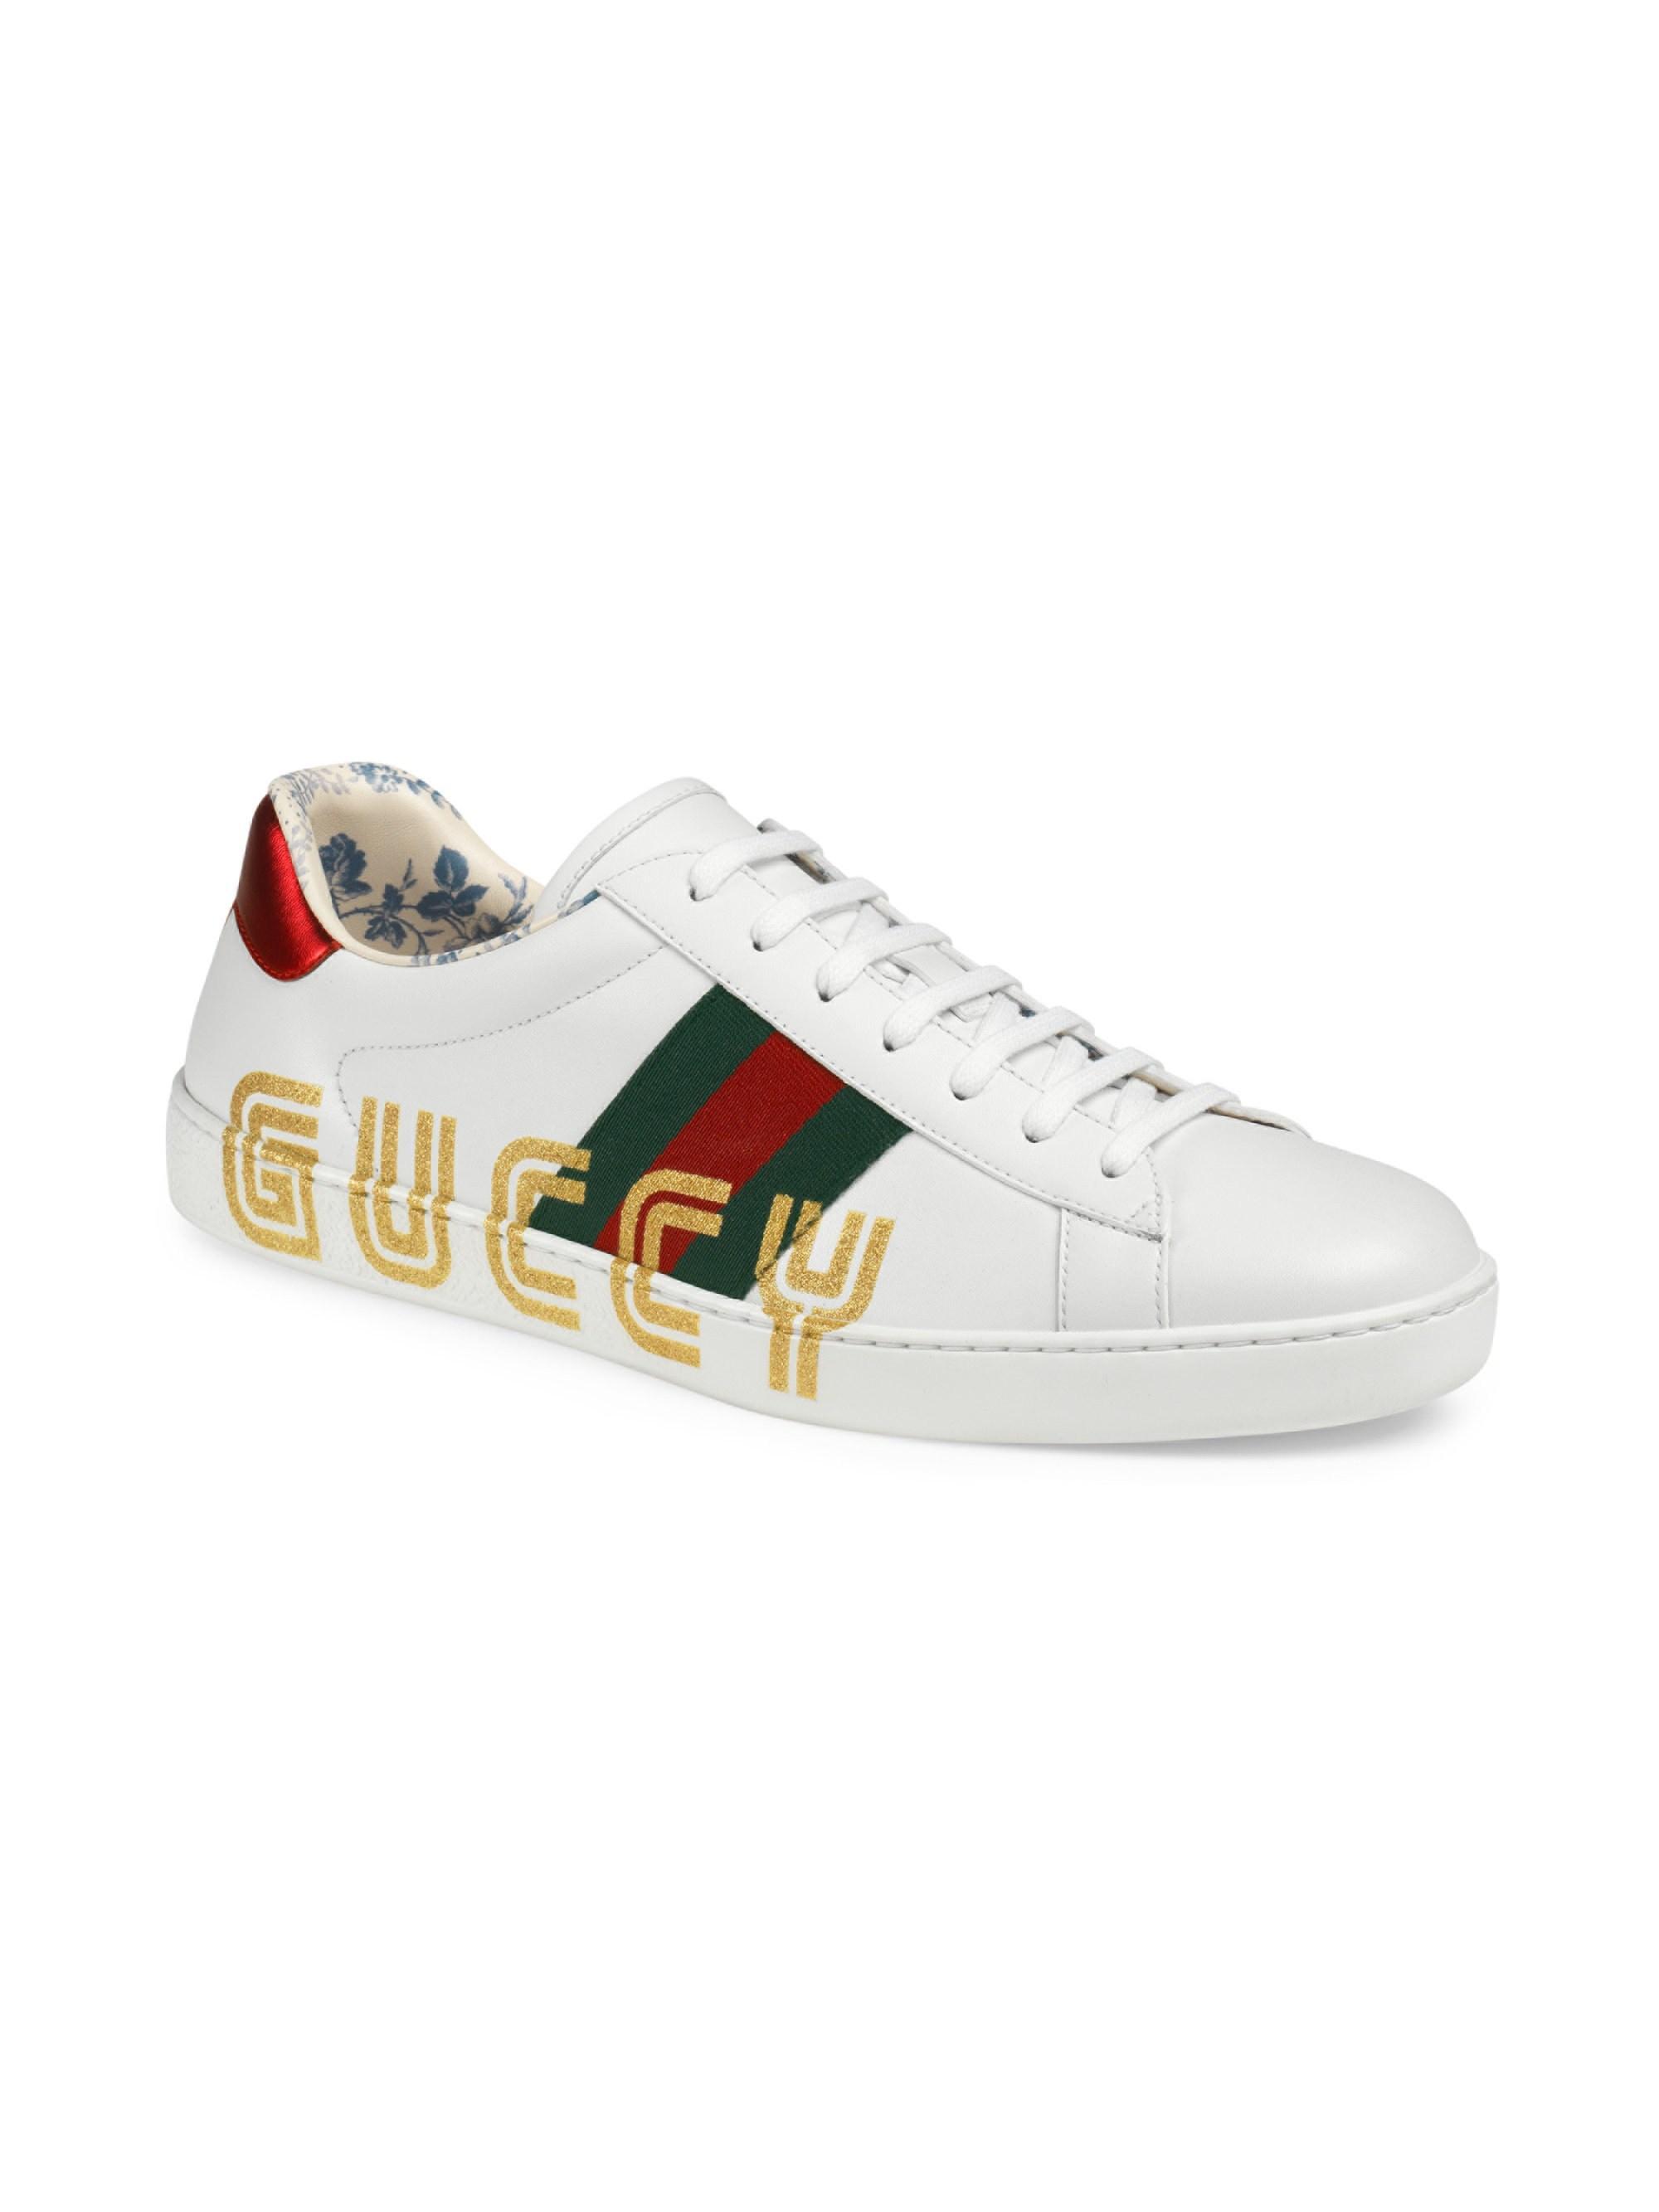 3fc681e5e Lyst - Gucci Men's New Ace Sneaker With Guccy Print - Multi White ...